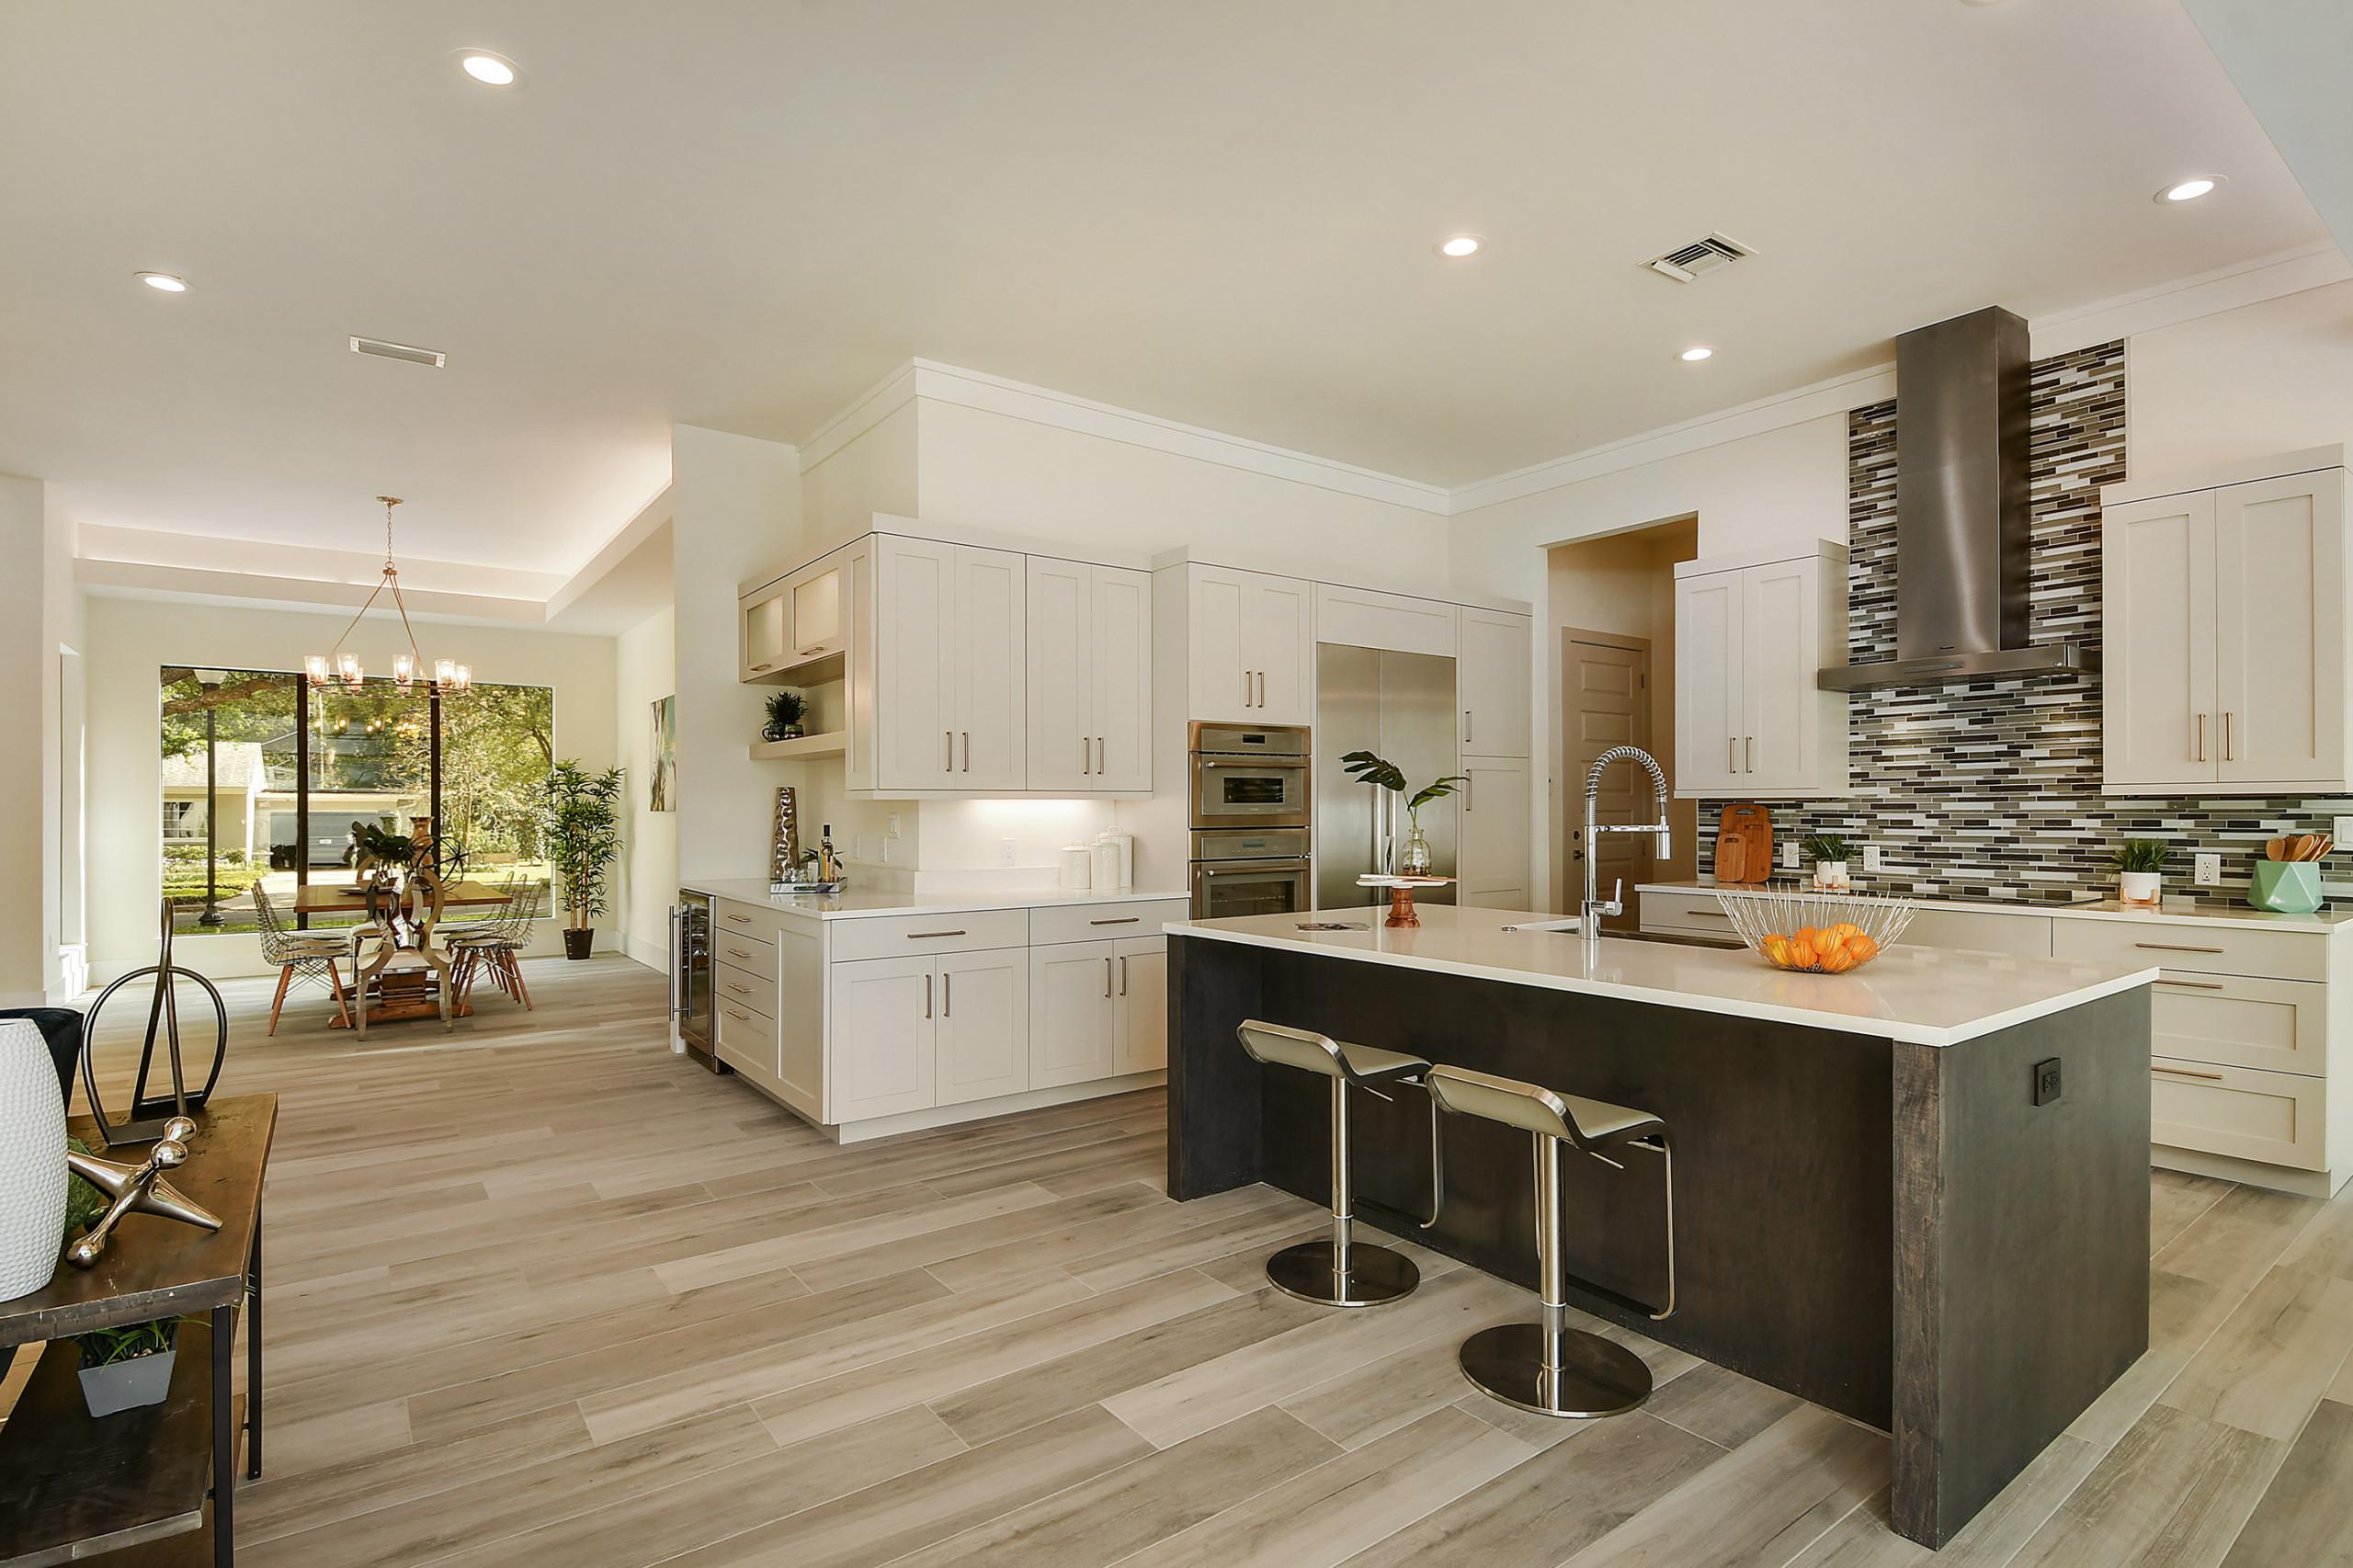 12 Best Kitchen Remodel Design Ideas & Photos   April 12   Houzz